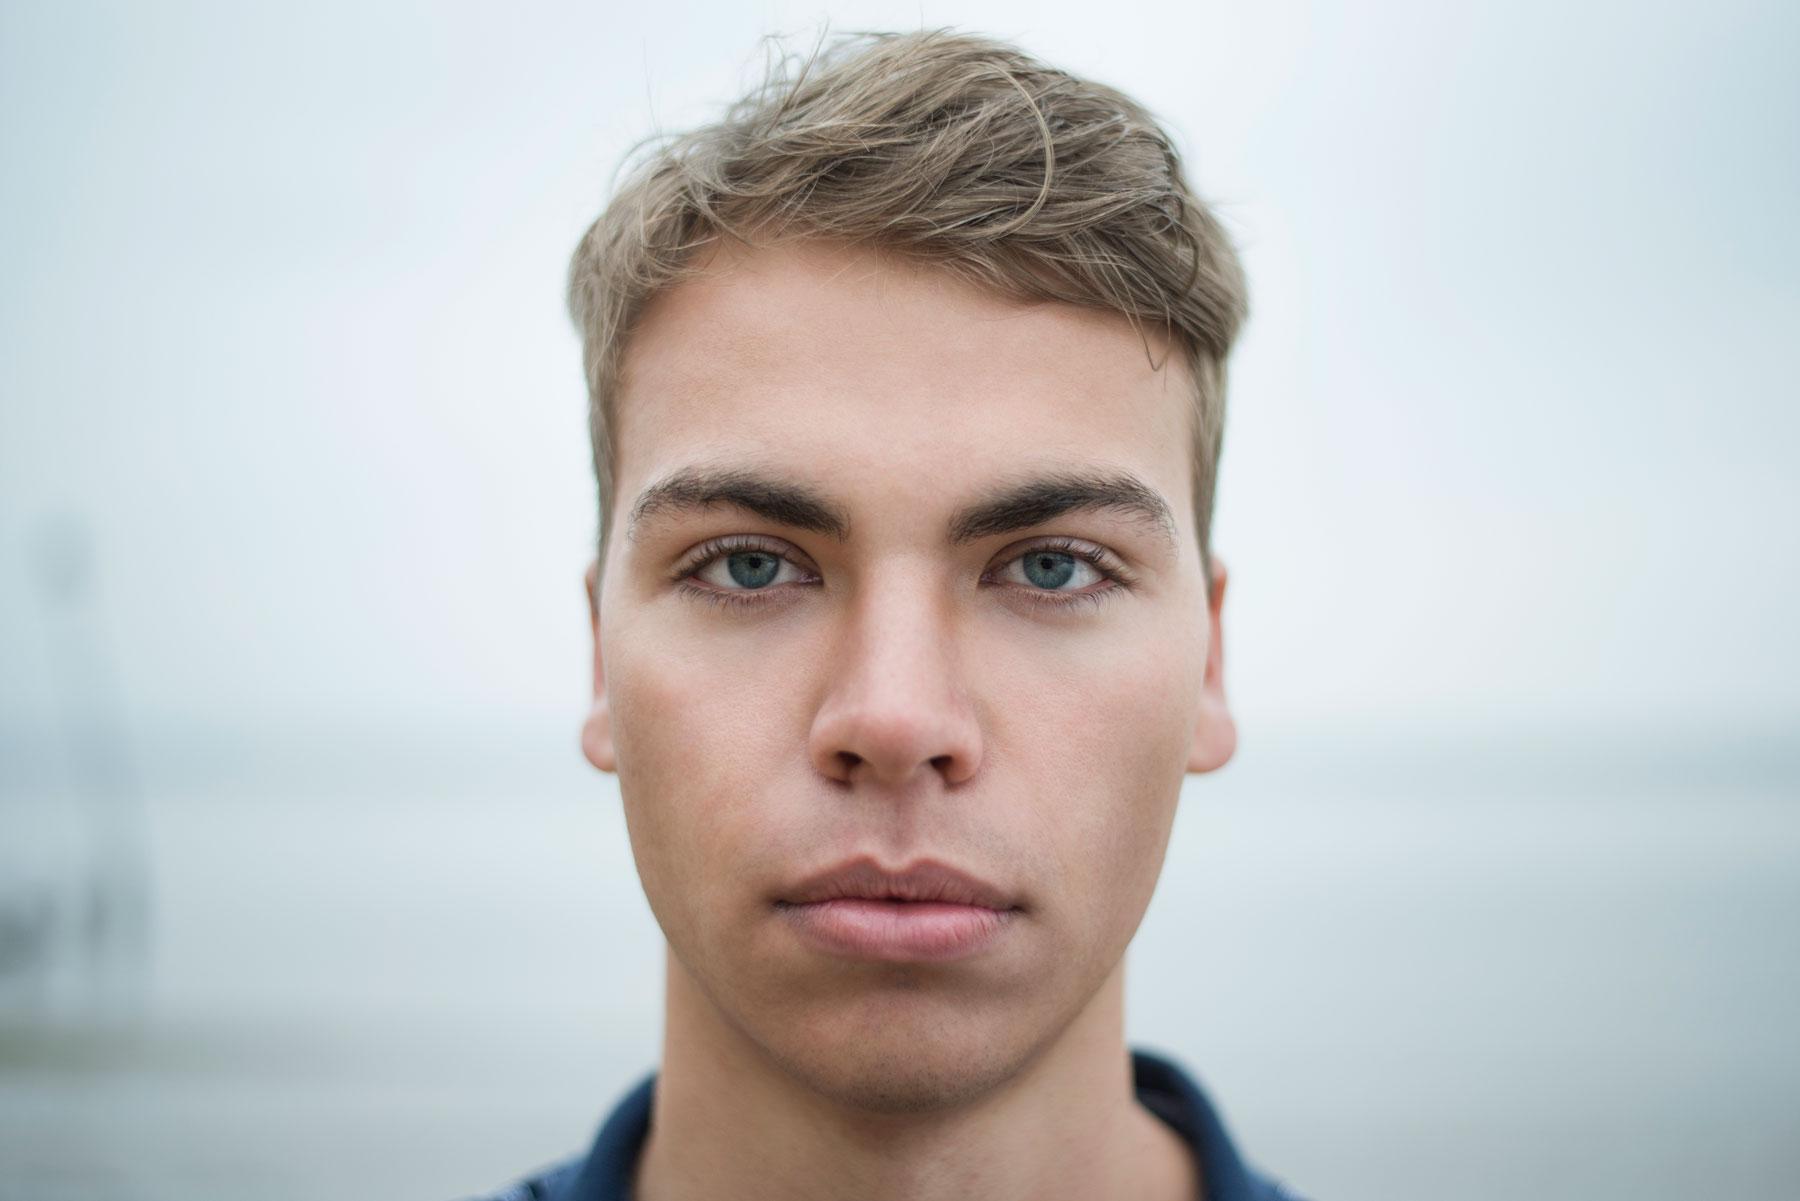 harry-model-closeup-face.jpg